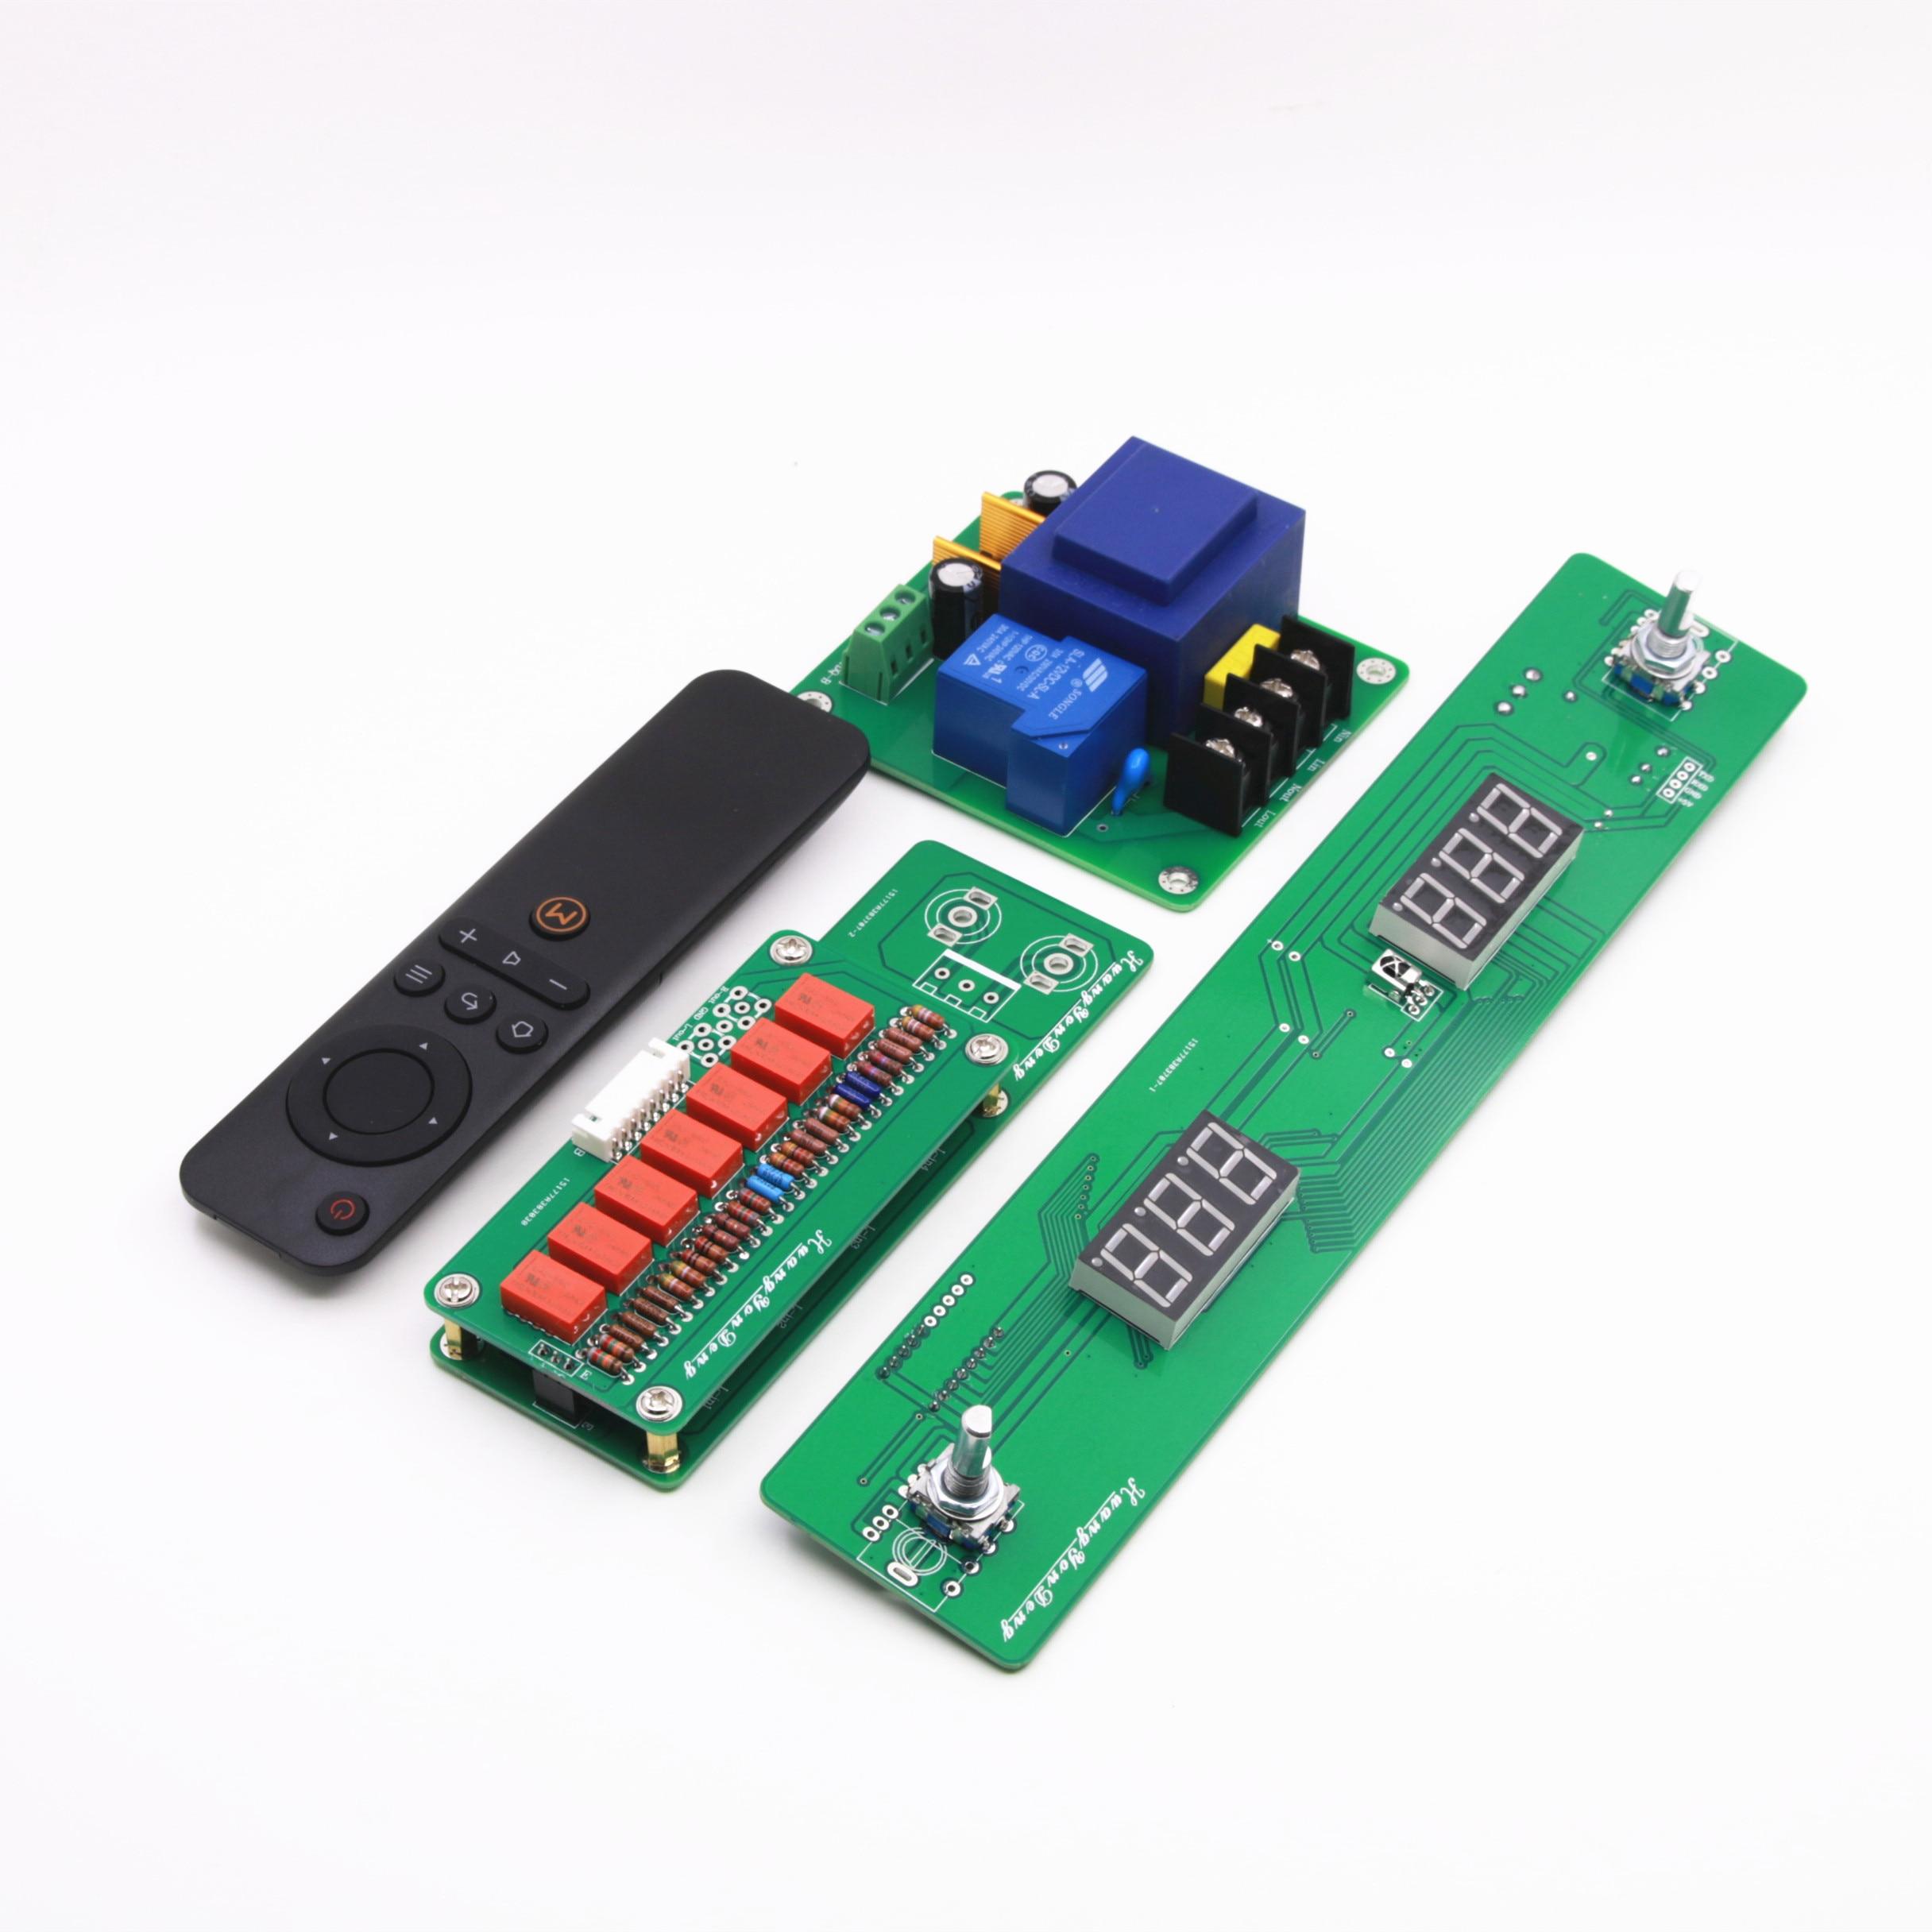 HiFi 128 Schritte Remote Volumen Control Board Relais Reinem Widerstand Shunt DIY Preamp Audio-in Verstärker aus Verbraucherelektronik bei AliExpress - 11.11_Doppel-11Tag der Singles 1